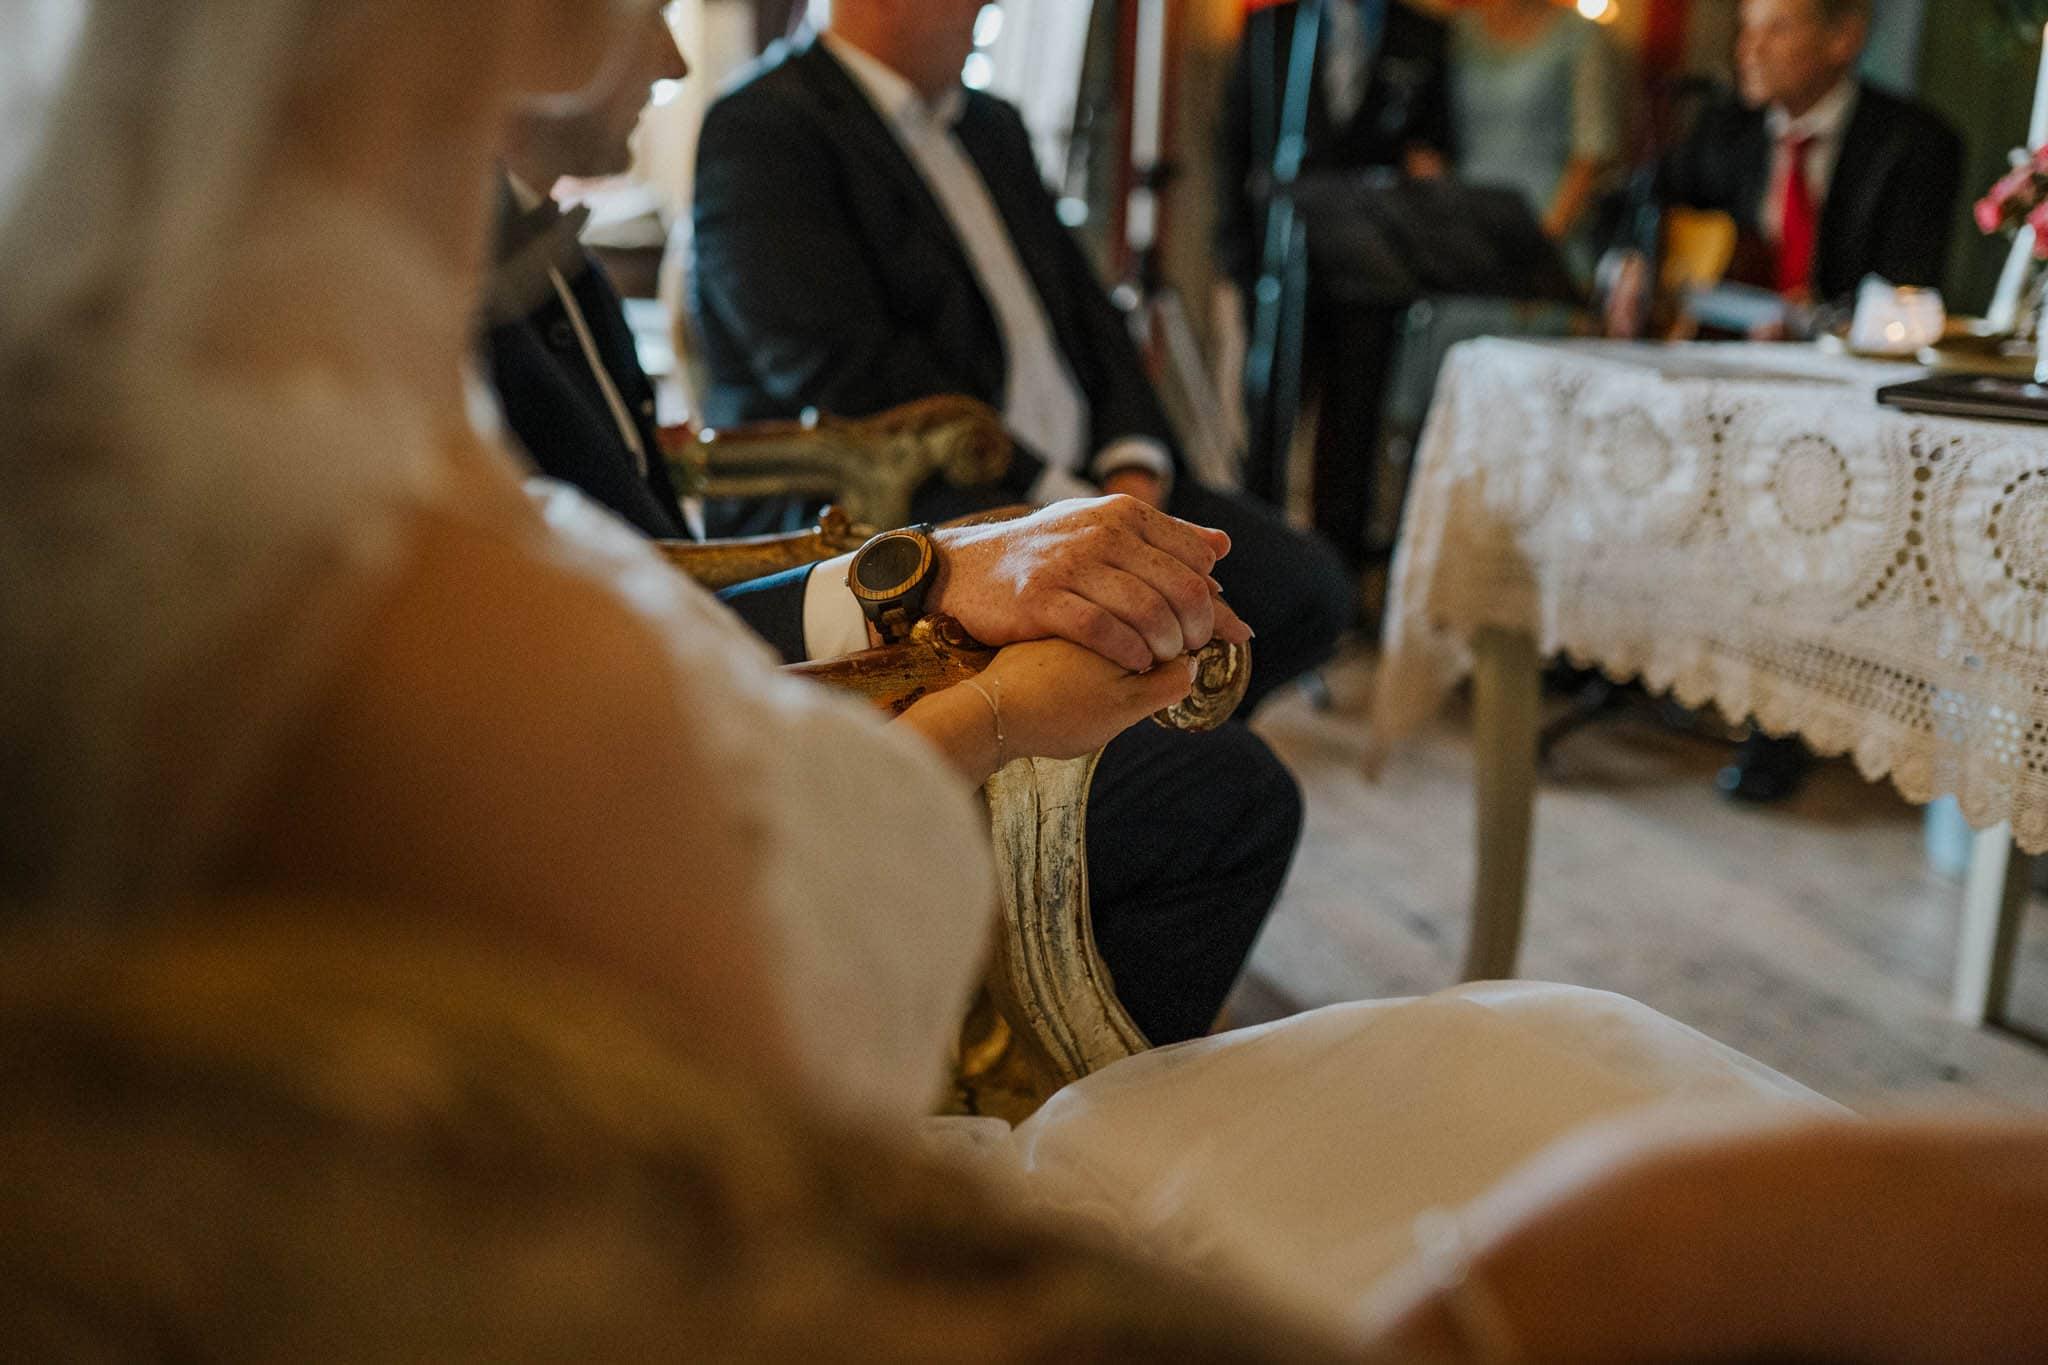 Hochzeitsfieber by Photo-Schomburg, Hoichzeitsfotograf, Hamburg, Wedding, Weddingtime, Hochzeitspaar, Braut, Bräutigam, Hochzeit im Norden,-53